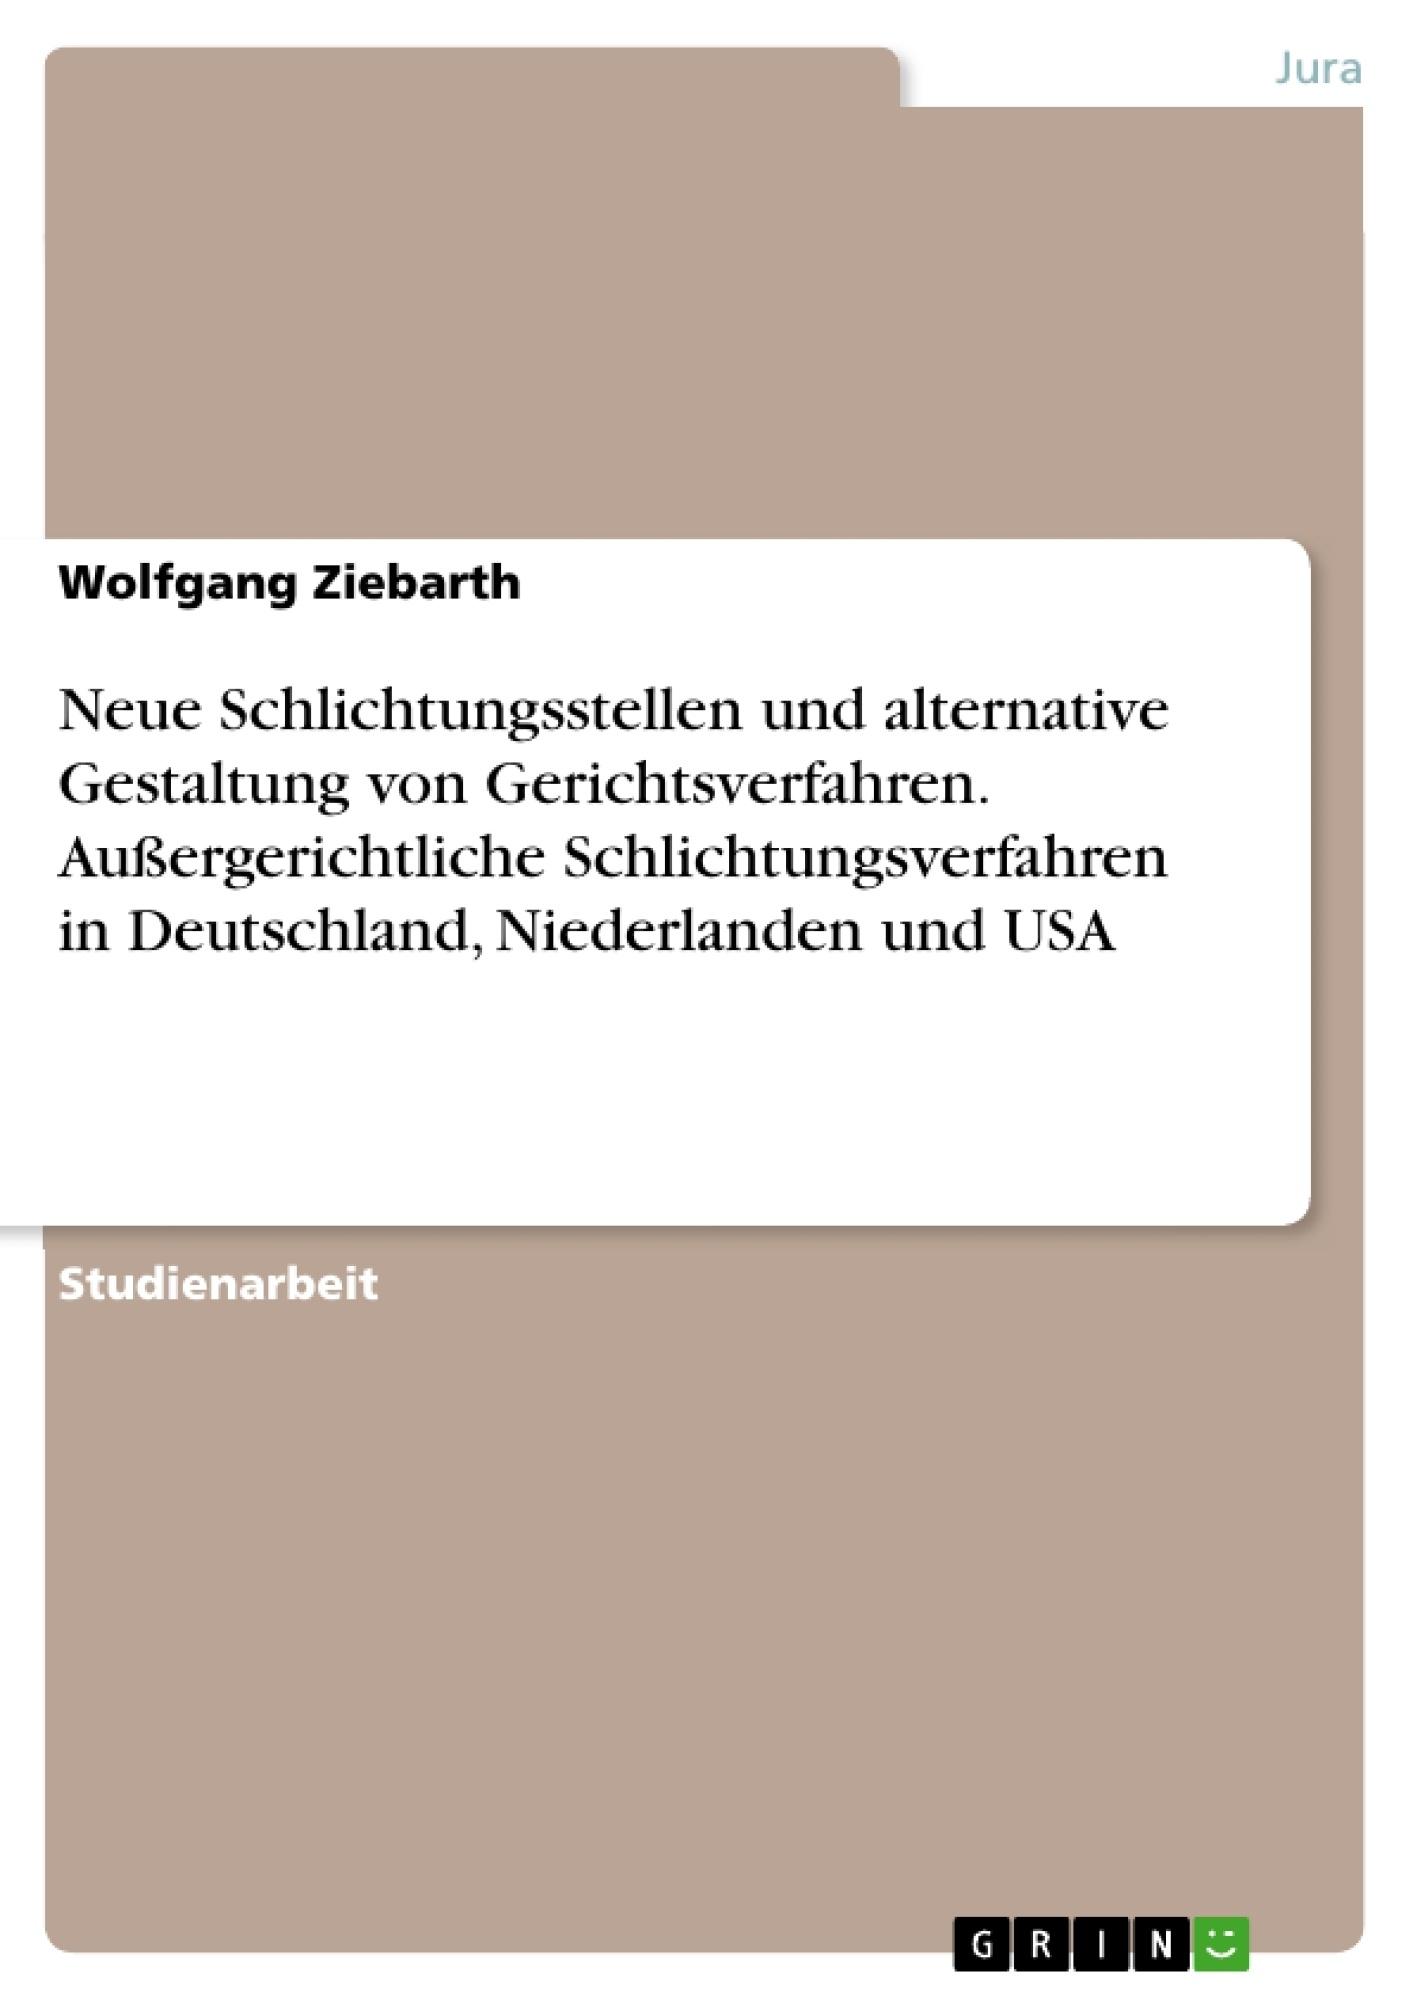 Titel: Neue Schlichtungsstellen und alternative Gestaltung von Gerichtsverfahren. Außergerichtliche Schlichtungsverfahren in Deutschland, Niederlanden und USA